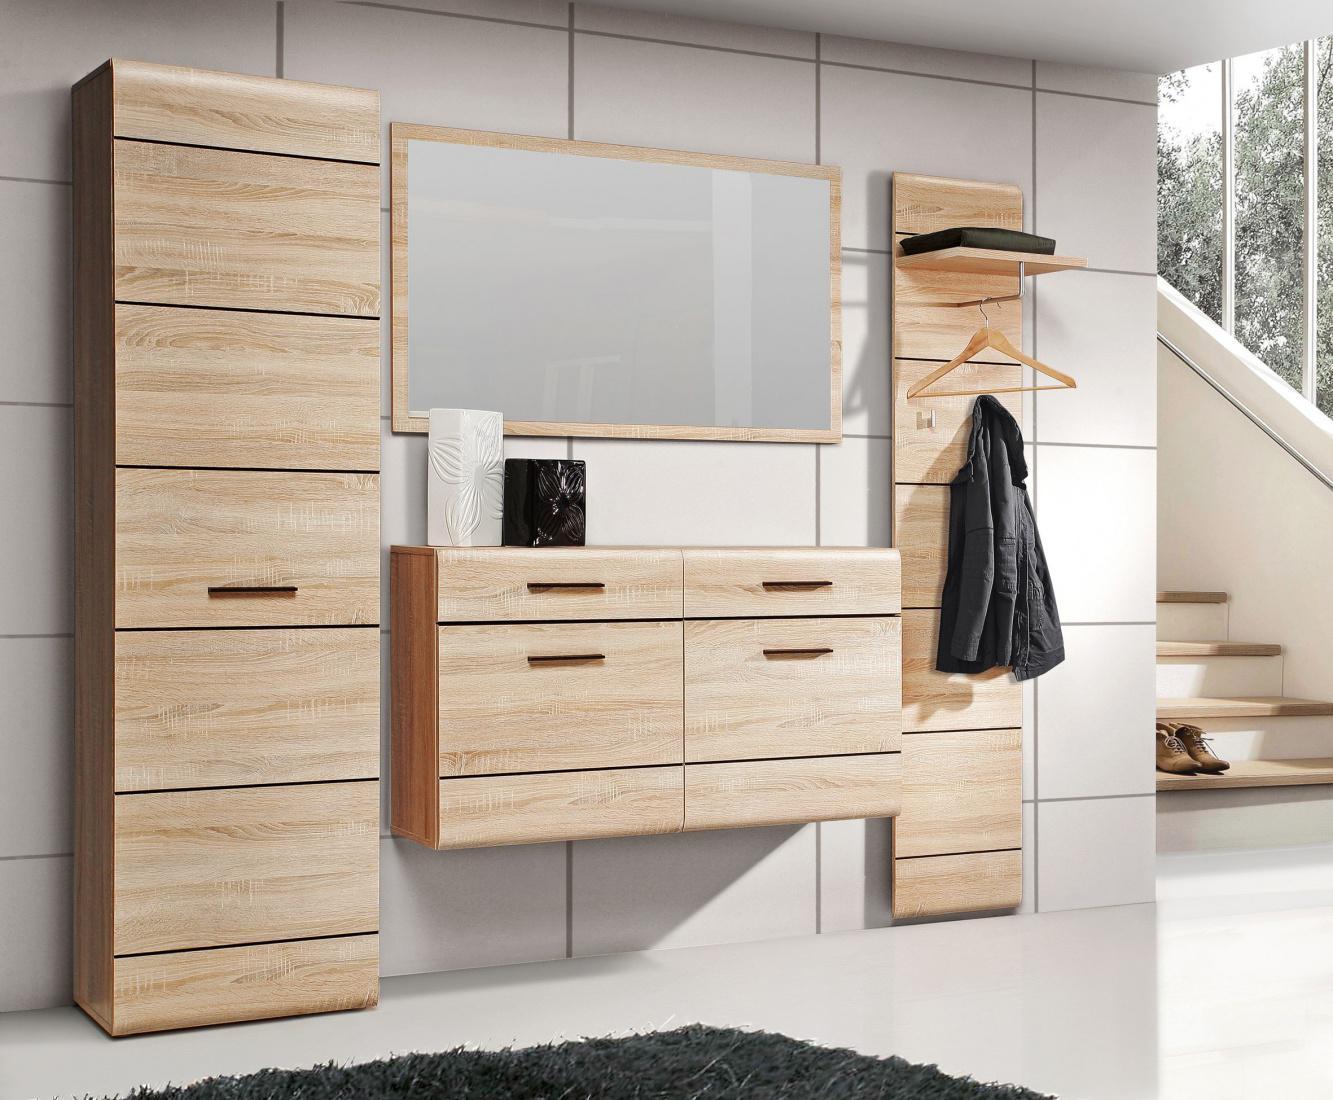 garderoben set sarah 4 tlg in sonoma eiche wenge kaufen bei m bel lux. Black Bedroom Furniture Sets. Home Design Ideas